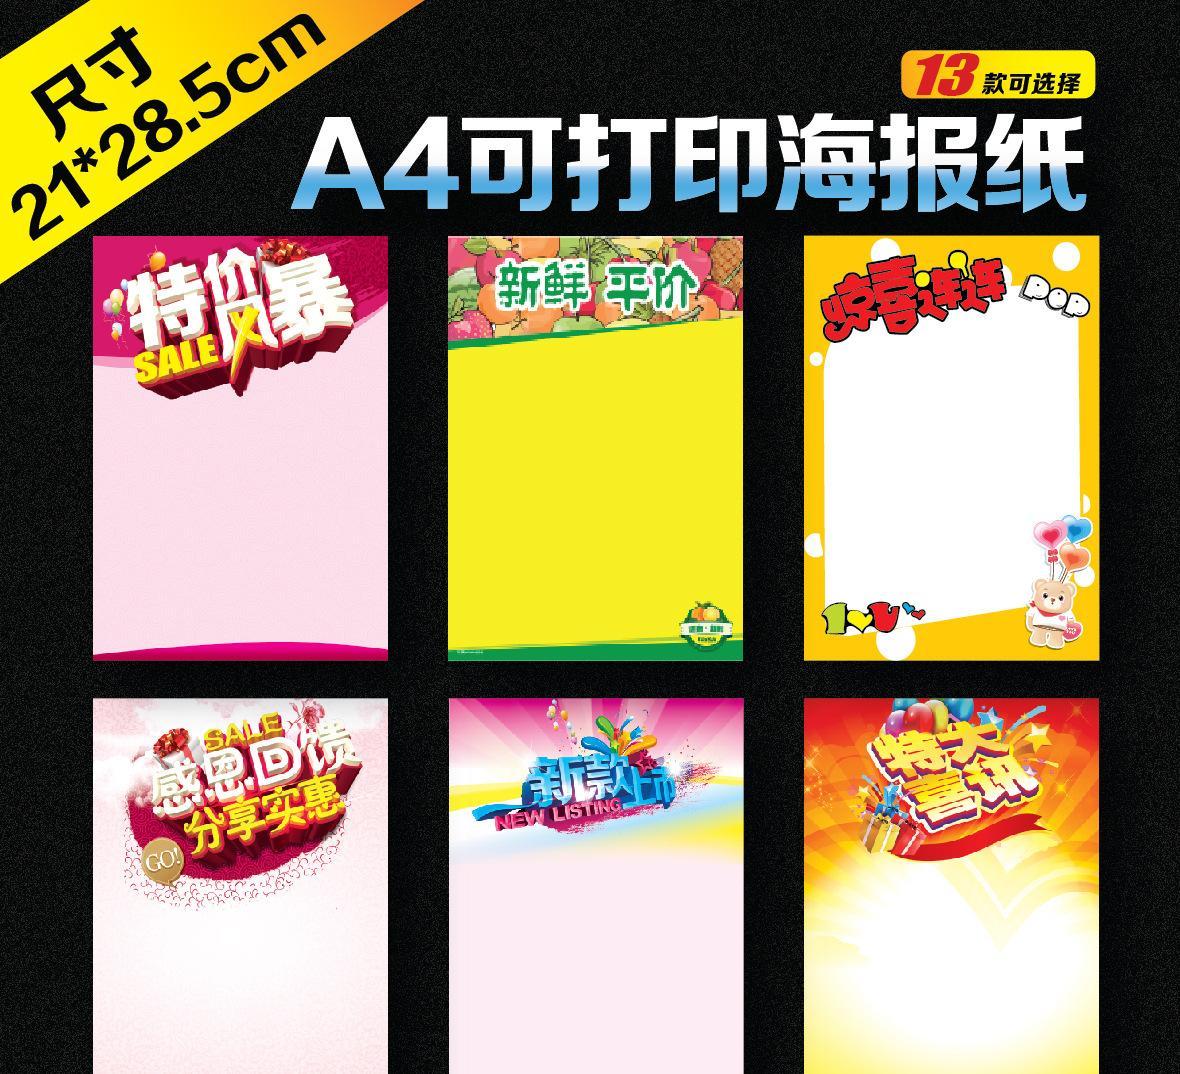 a3广告纸爆炸贴 小号 pop海报纸 促销手机超市吊旗 价格牌 标价纸